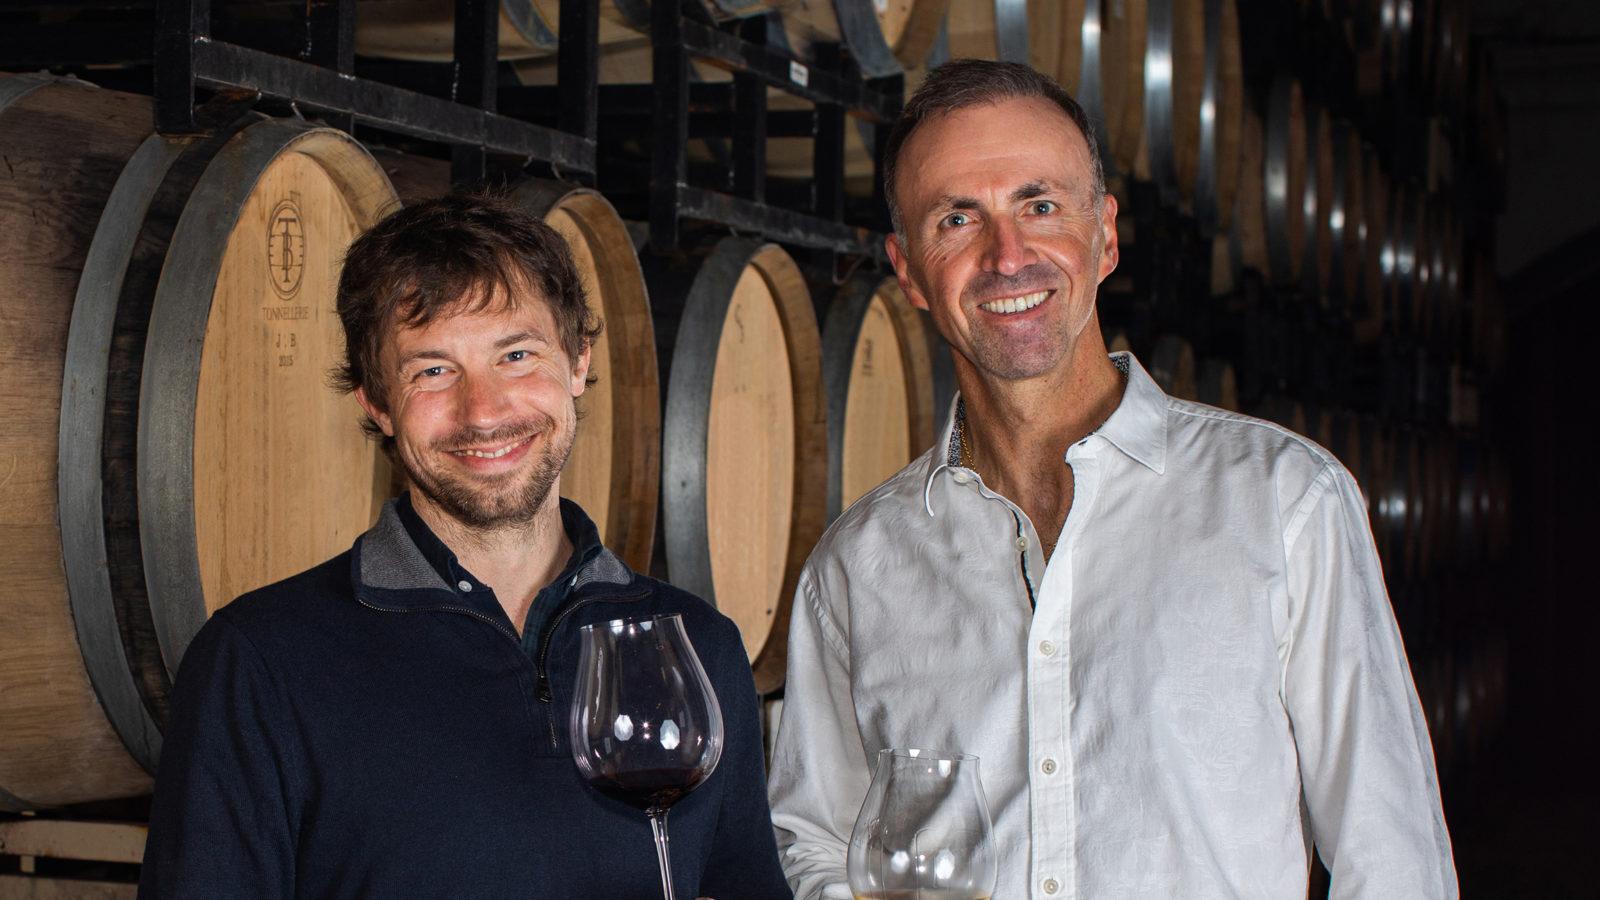 winemaker and proprietor standing in front of wine barrels